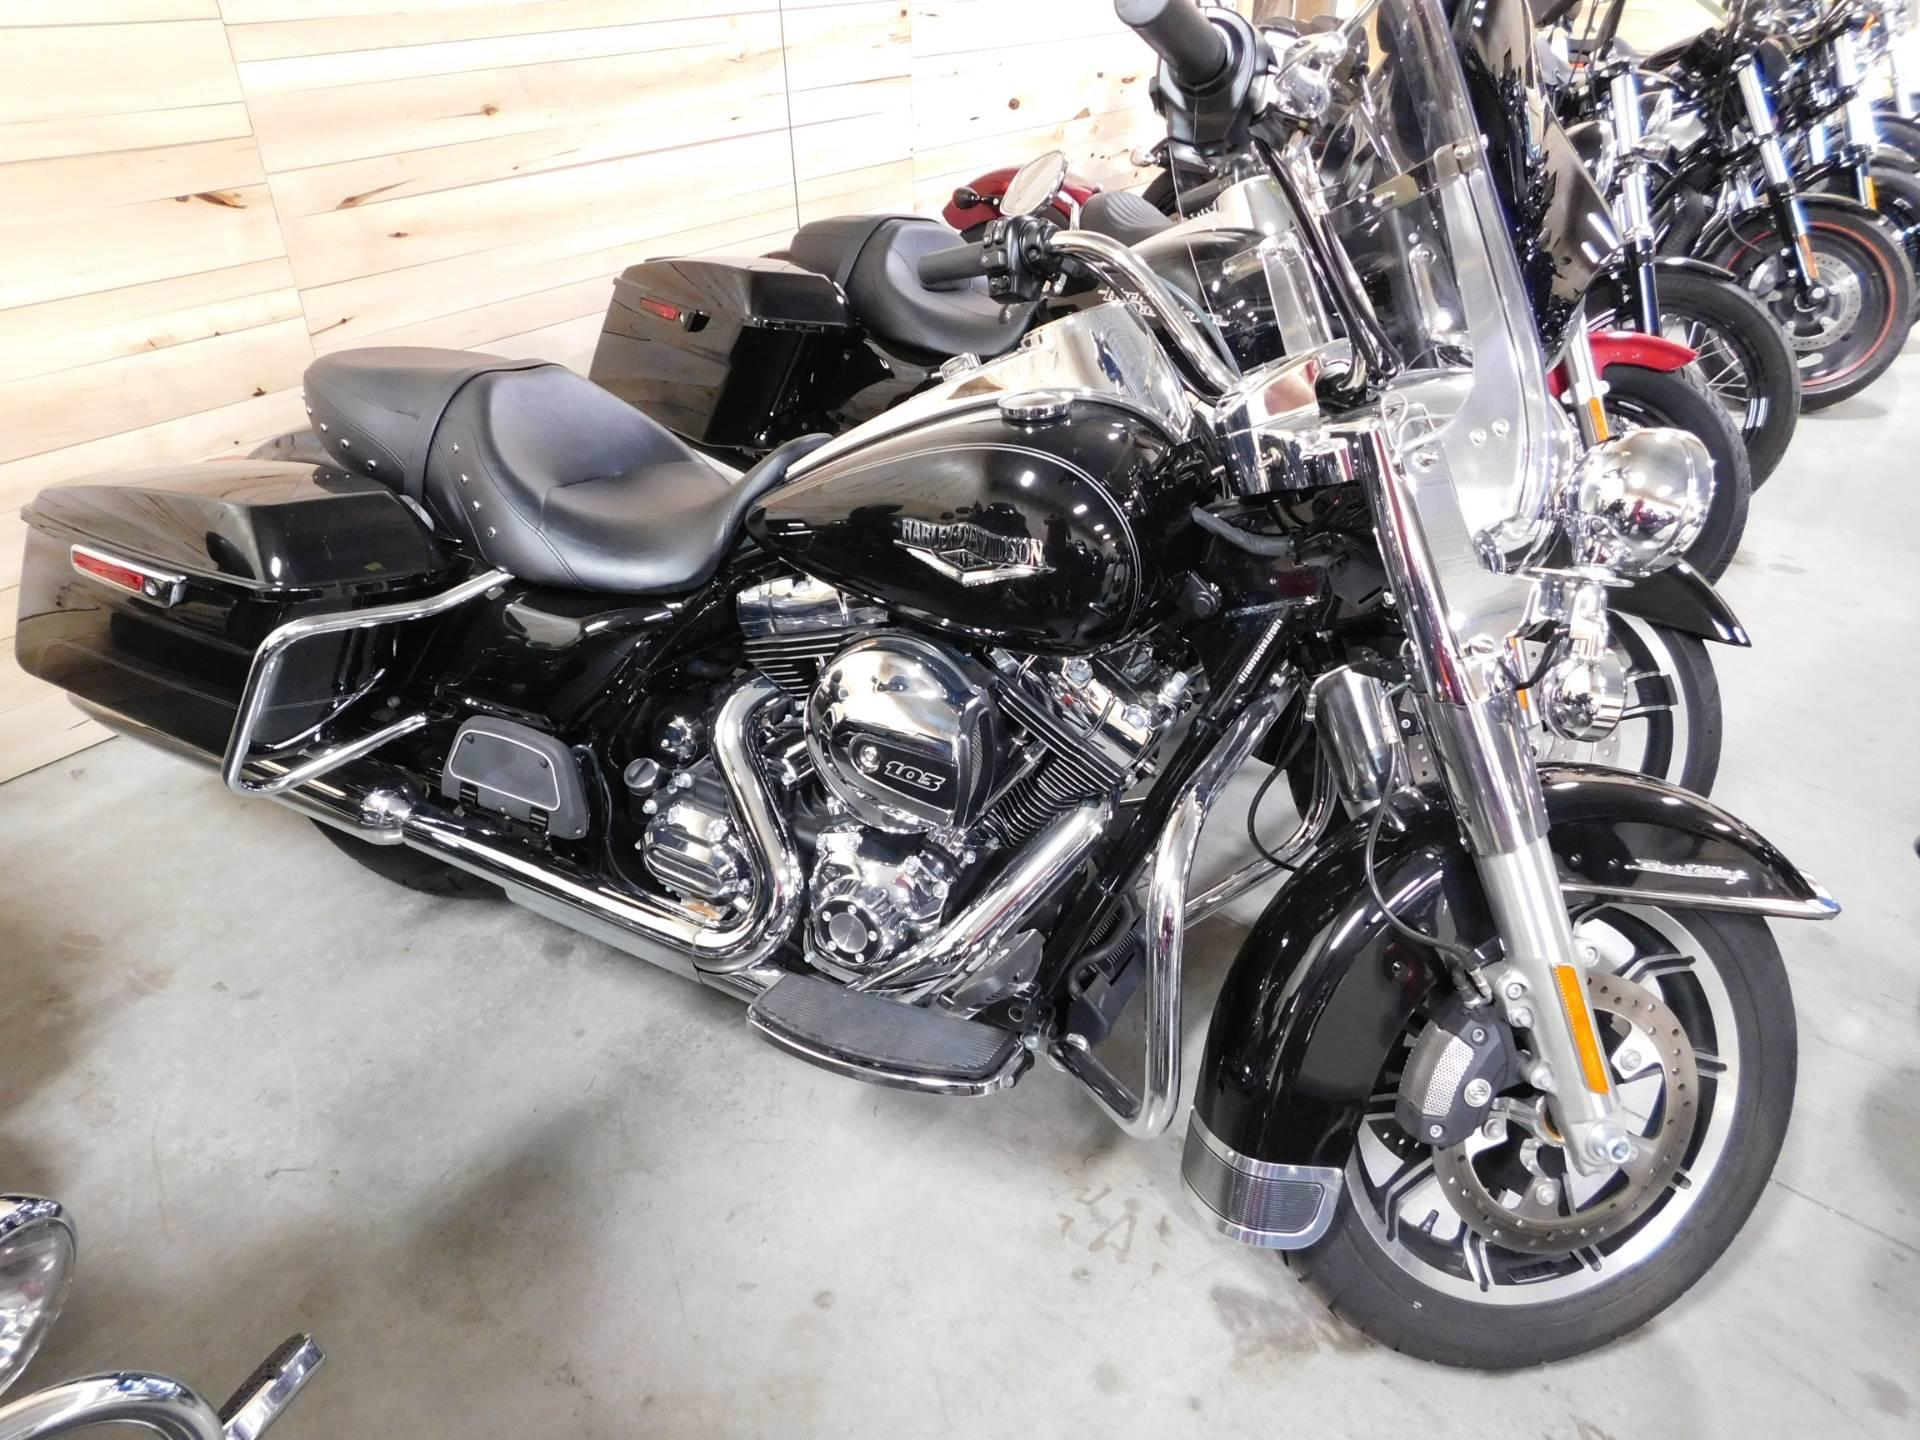 2016 Harley Davidson Road King In Sauk Rapids Minnesota